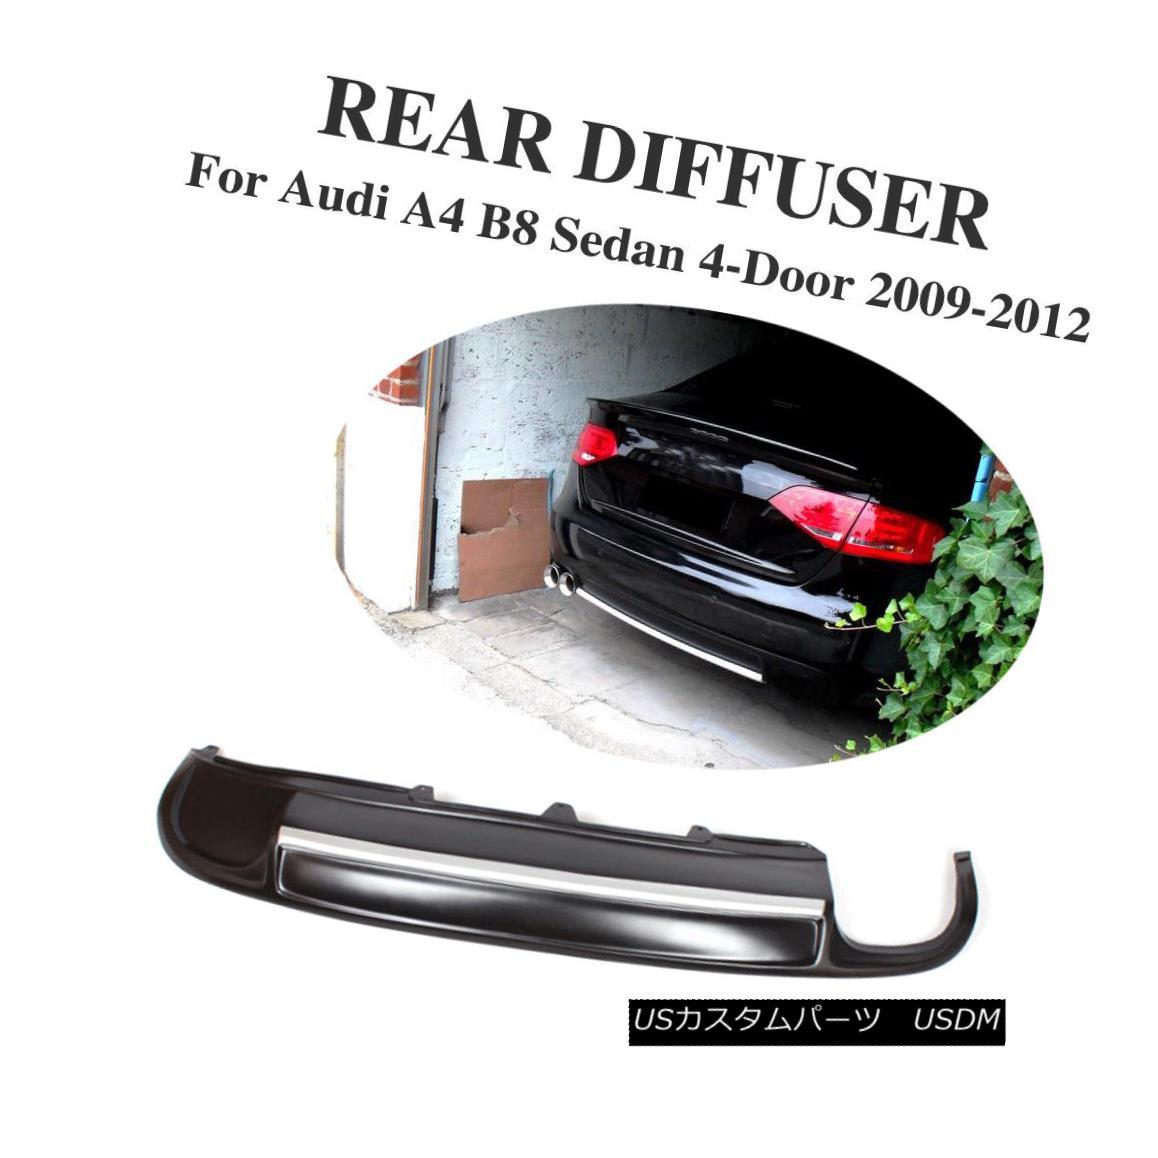 エアロパーツ Rear Bumper Lip Diffuser Trunk Spoiler fit for Audi A4 B8 Non-Sline 09-12 Black アウディA4 B8ノンライン09-12ブラックにフィットするリアバンパーリップディフューザー